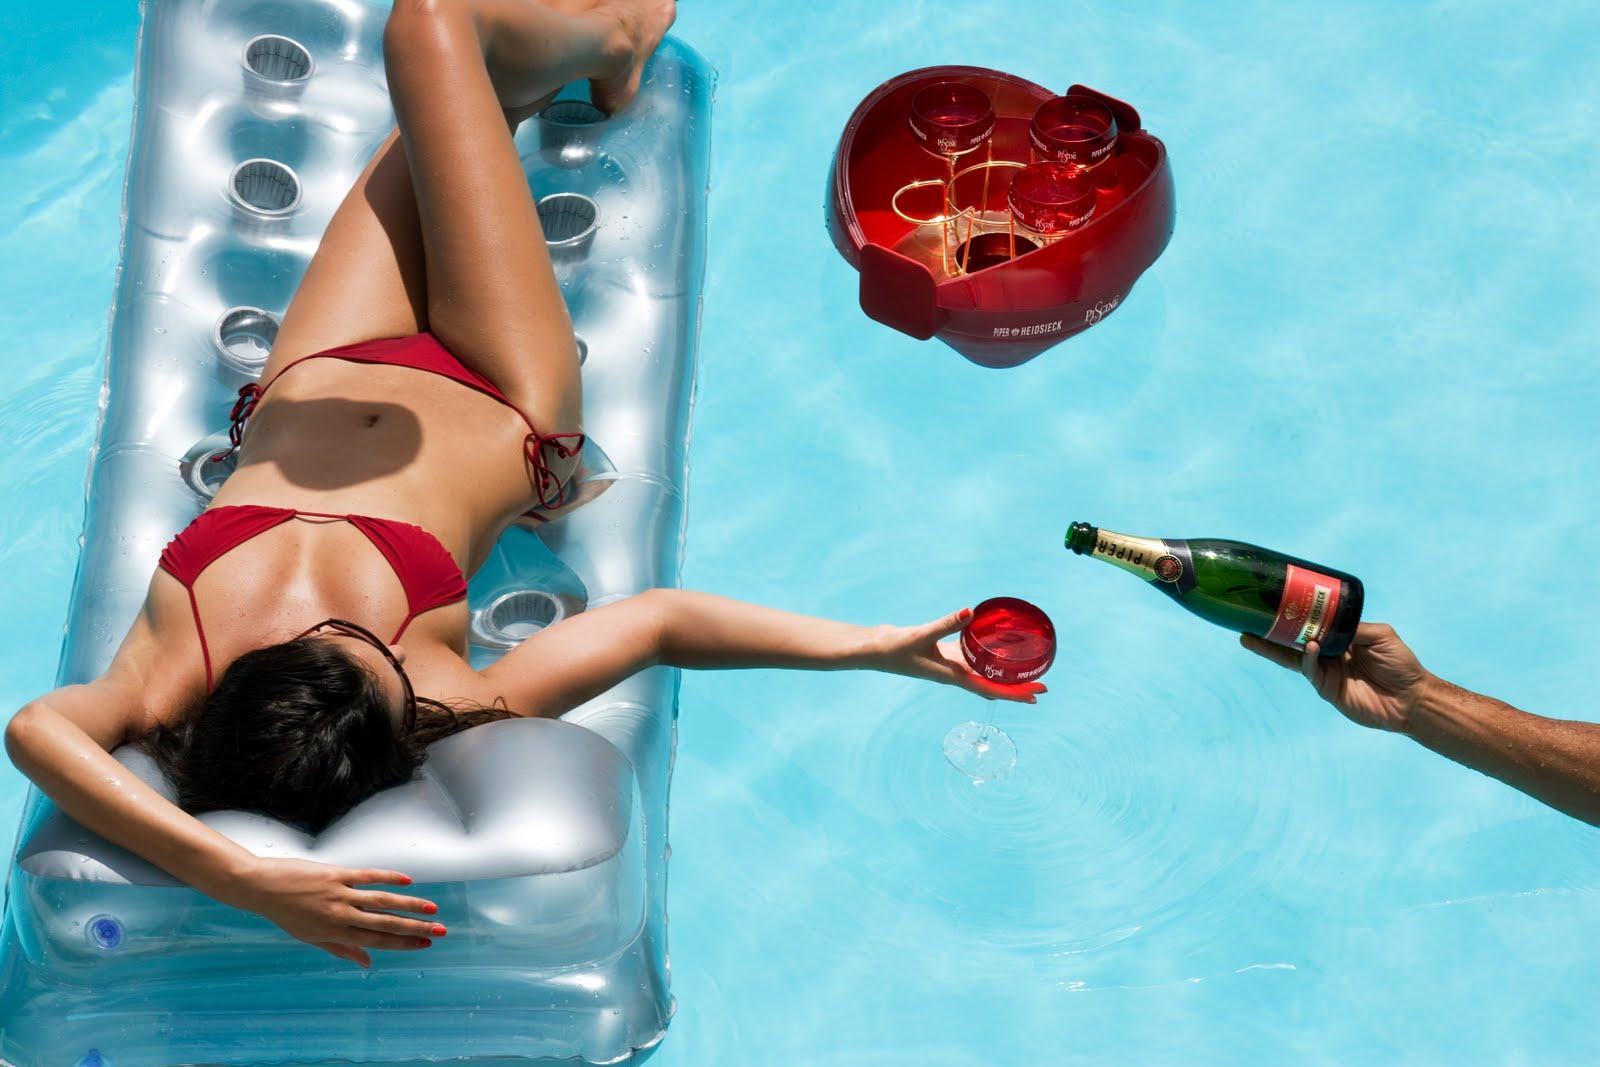 champagne fles Anaal speeltje bij het zwembad